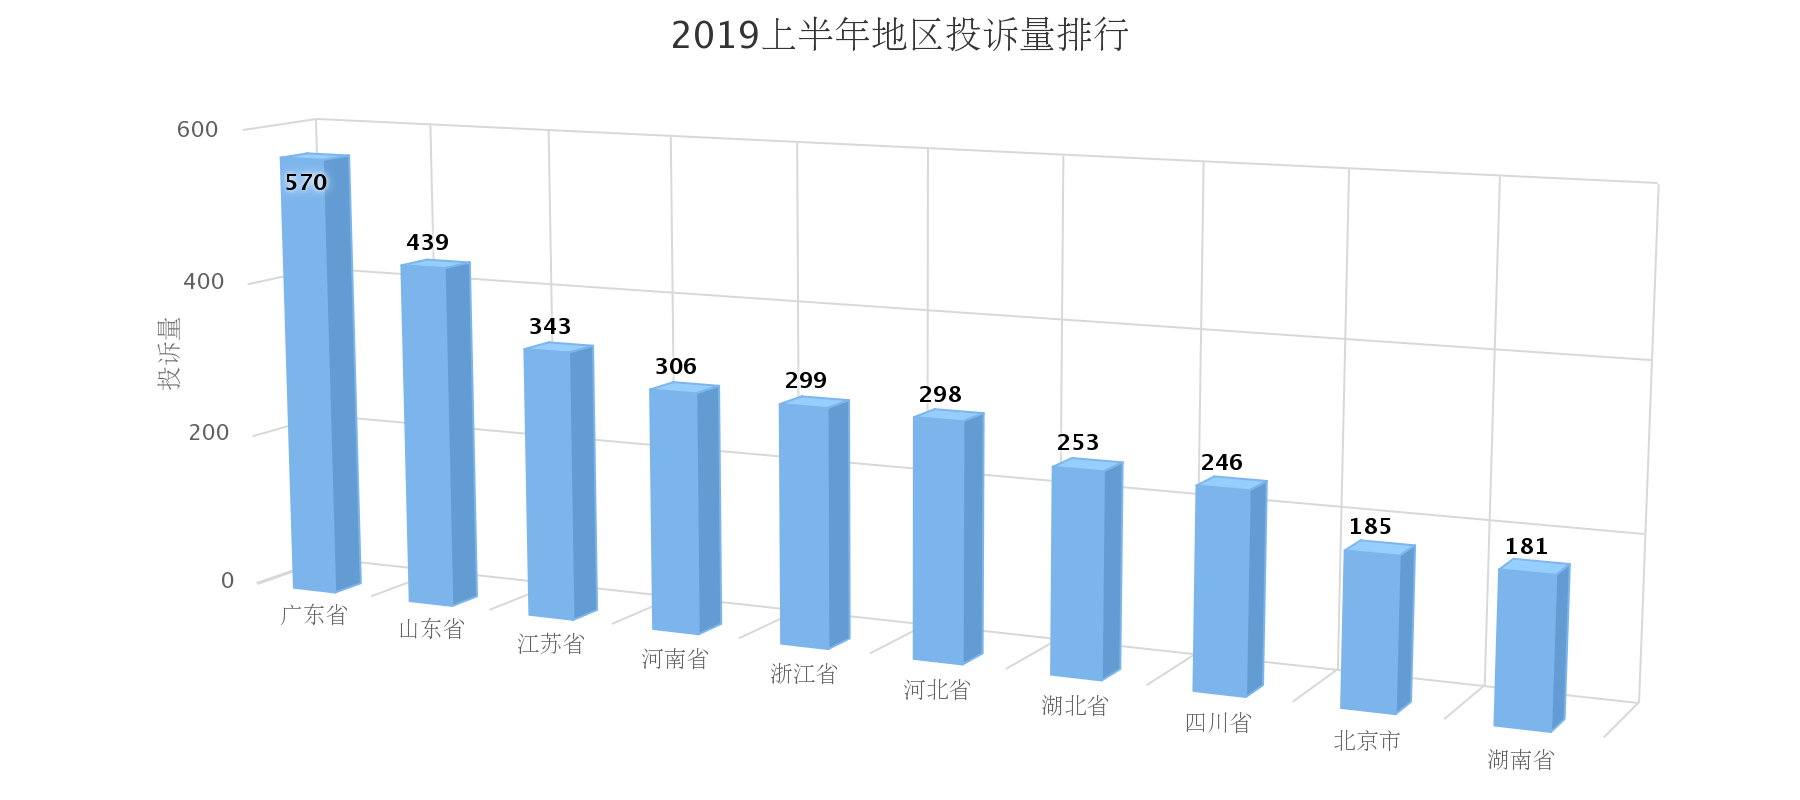 浙江2019上半年汽车投诉:过半数车主投诉服务问题